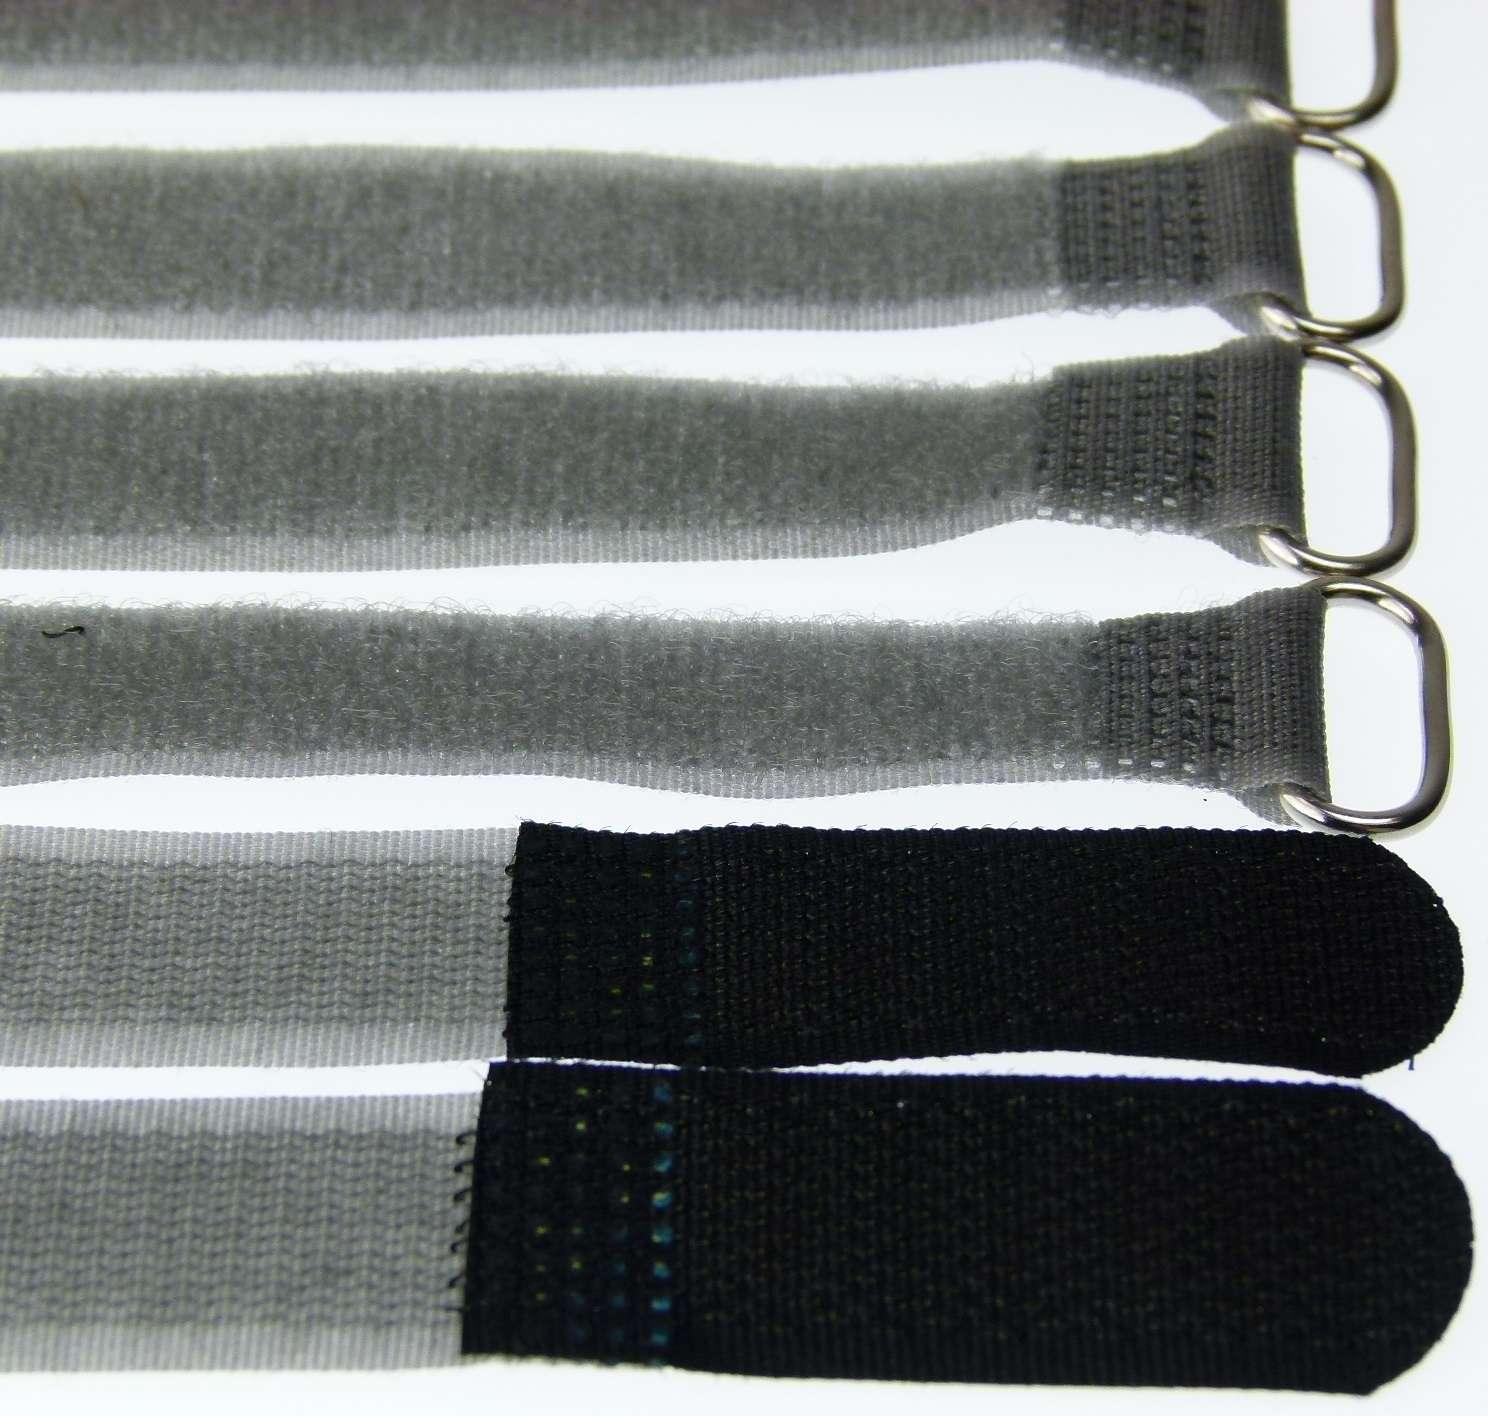 40x Kabelklett m Öse 160 x 16 mm schwarz Kabel Klettband Kabelbinder Klettbänder